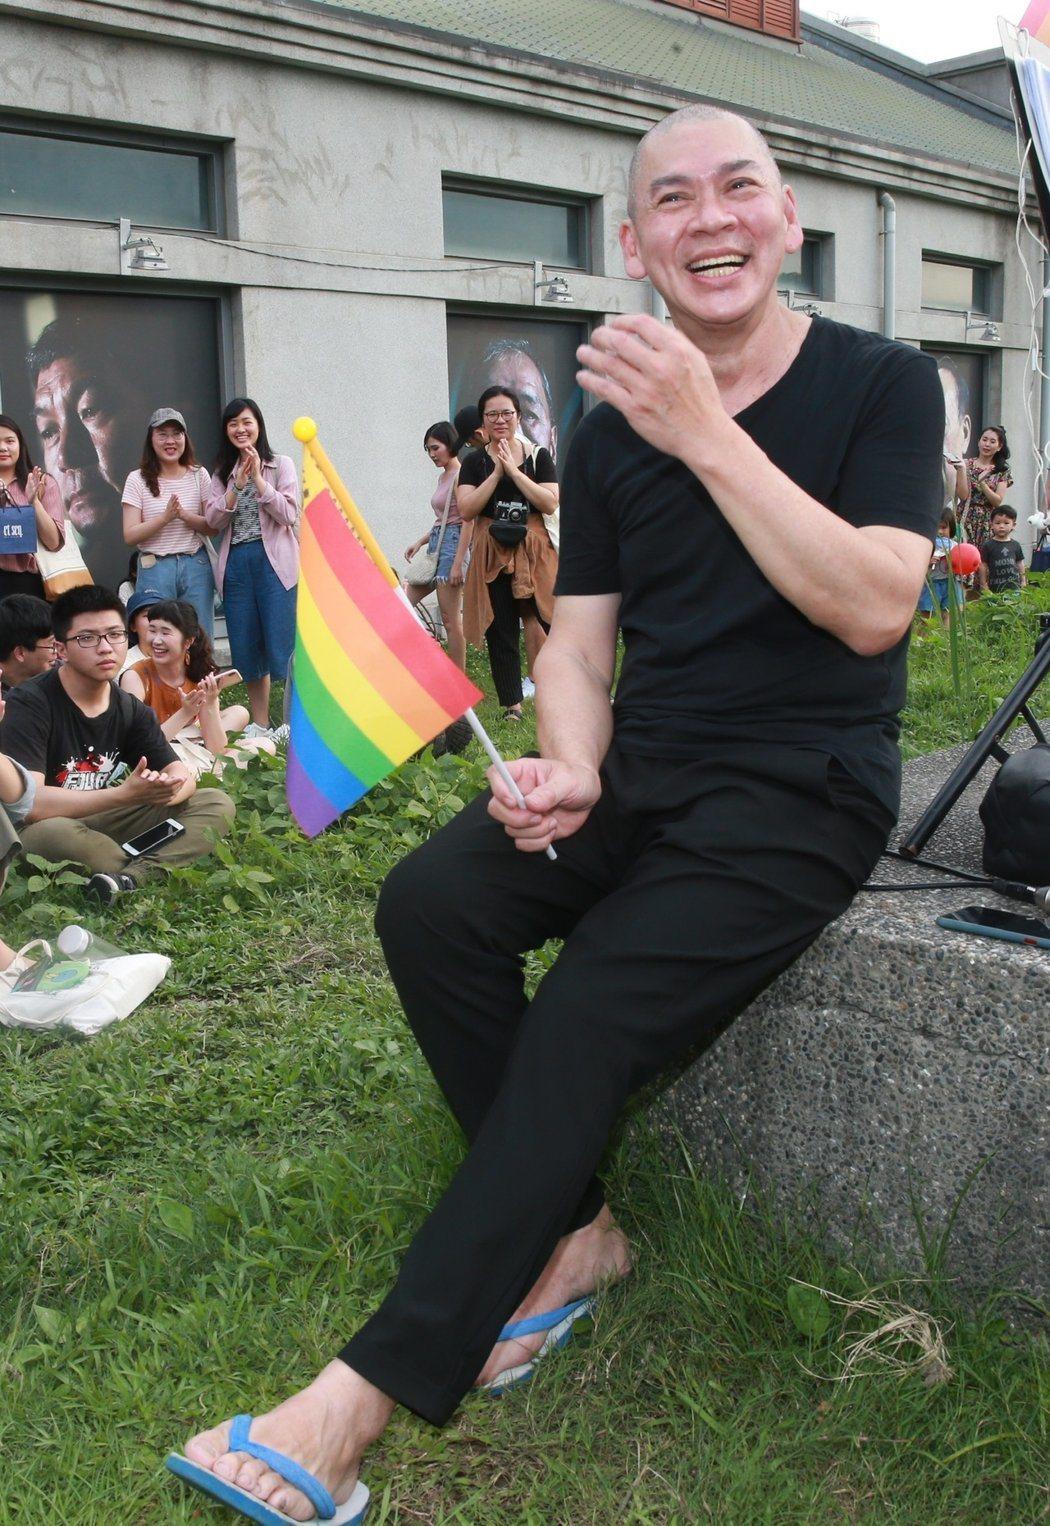 蔡明亮表示,對平權法案的通過感到興奮。記者黃義書/攝影